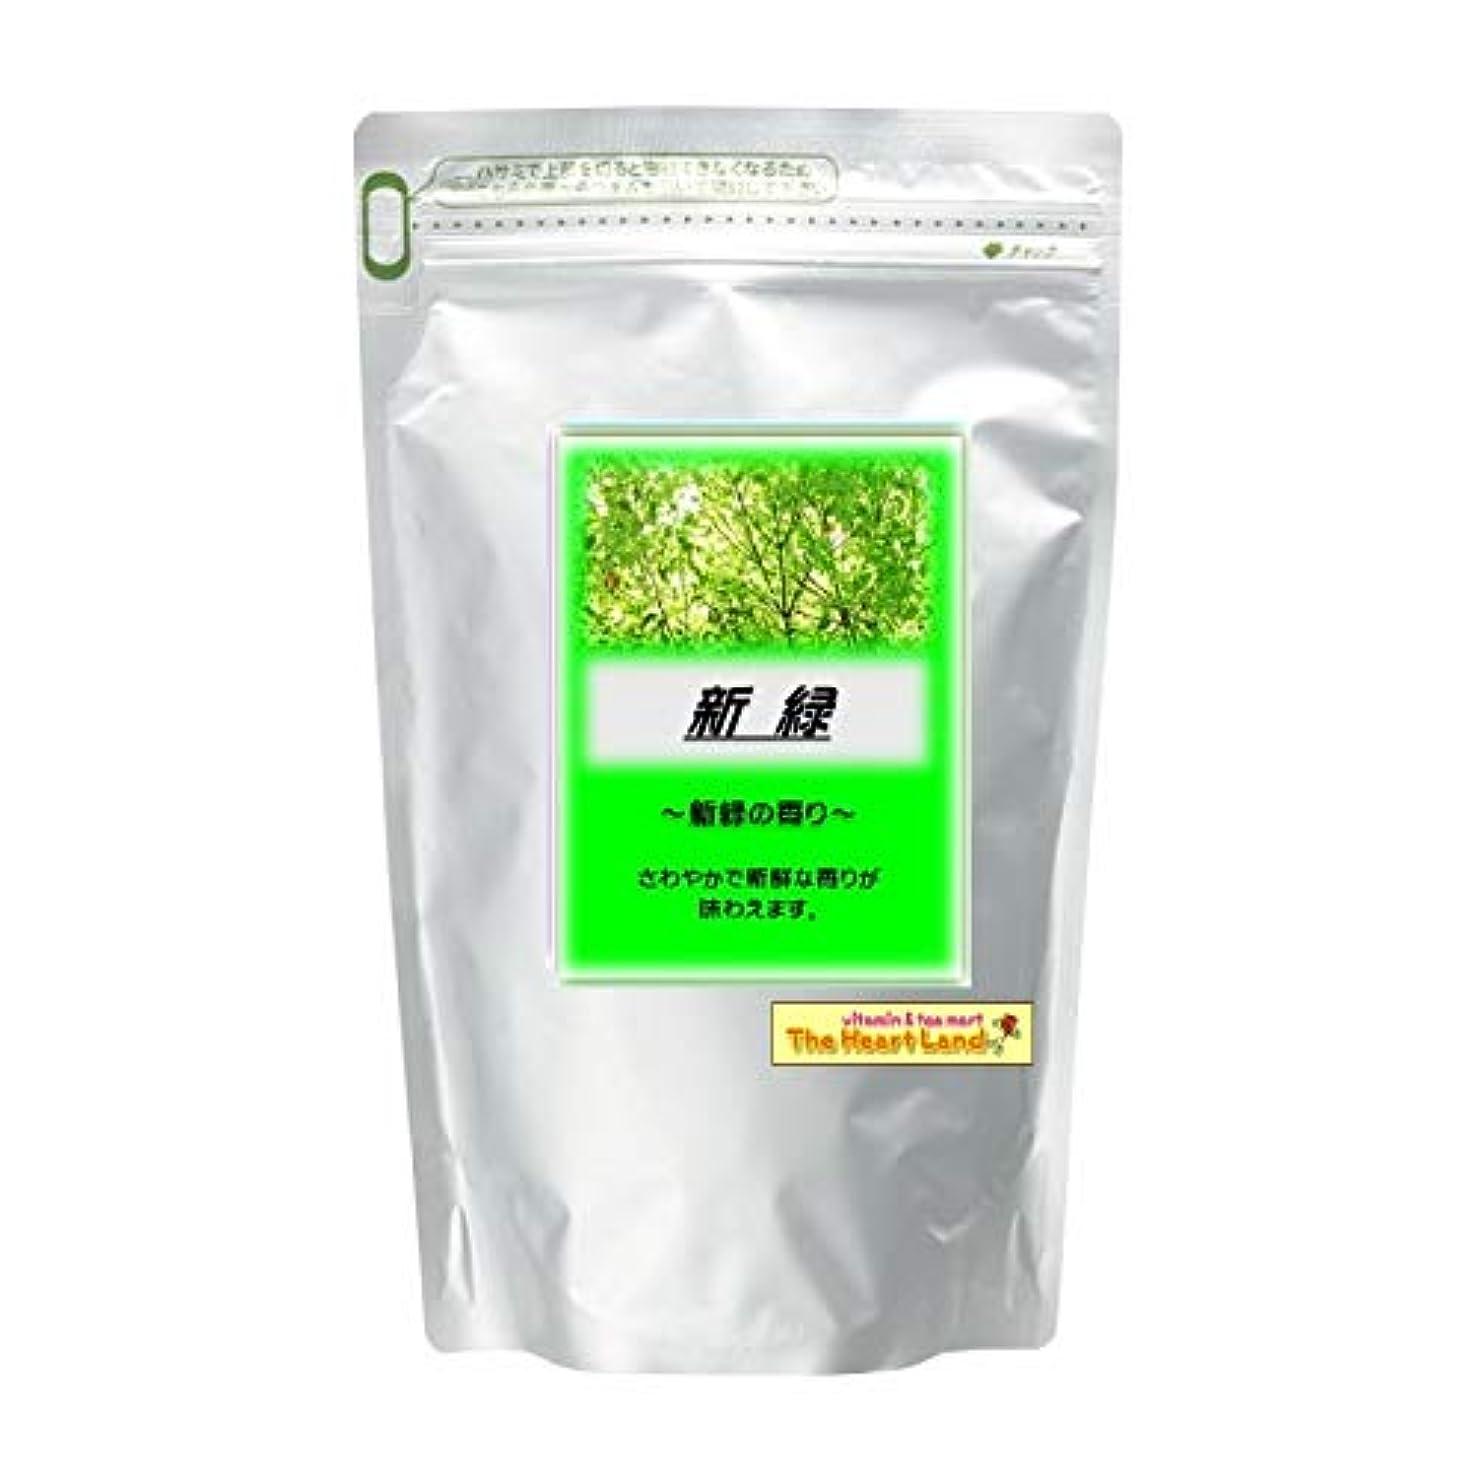 含意移住するナイロンアサヒ入浴剤 浴用入浴化粧品 新緑 300g